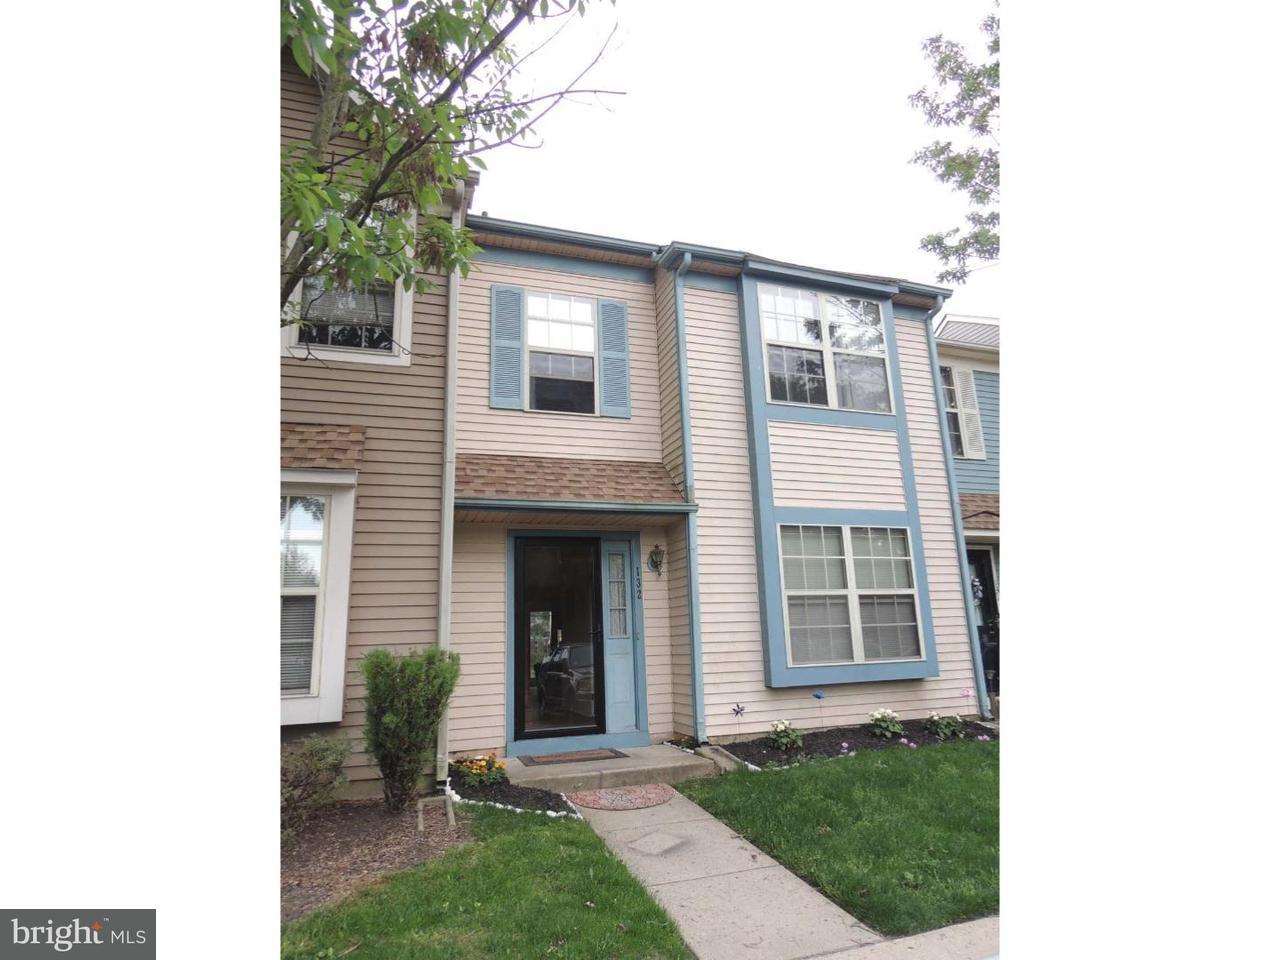 联栋屋 为 销售 在 132 BRENT Court Thorofare, 新泽西州 08086 美国